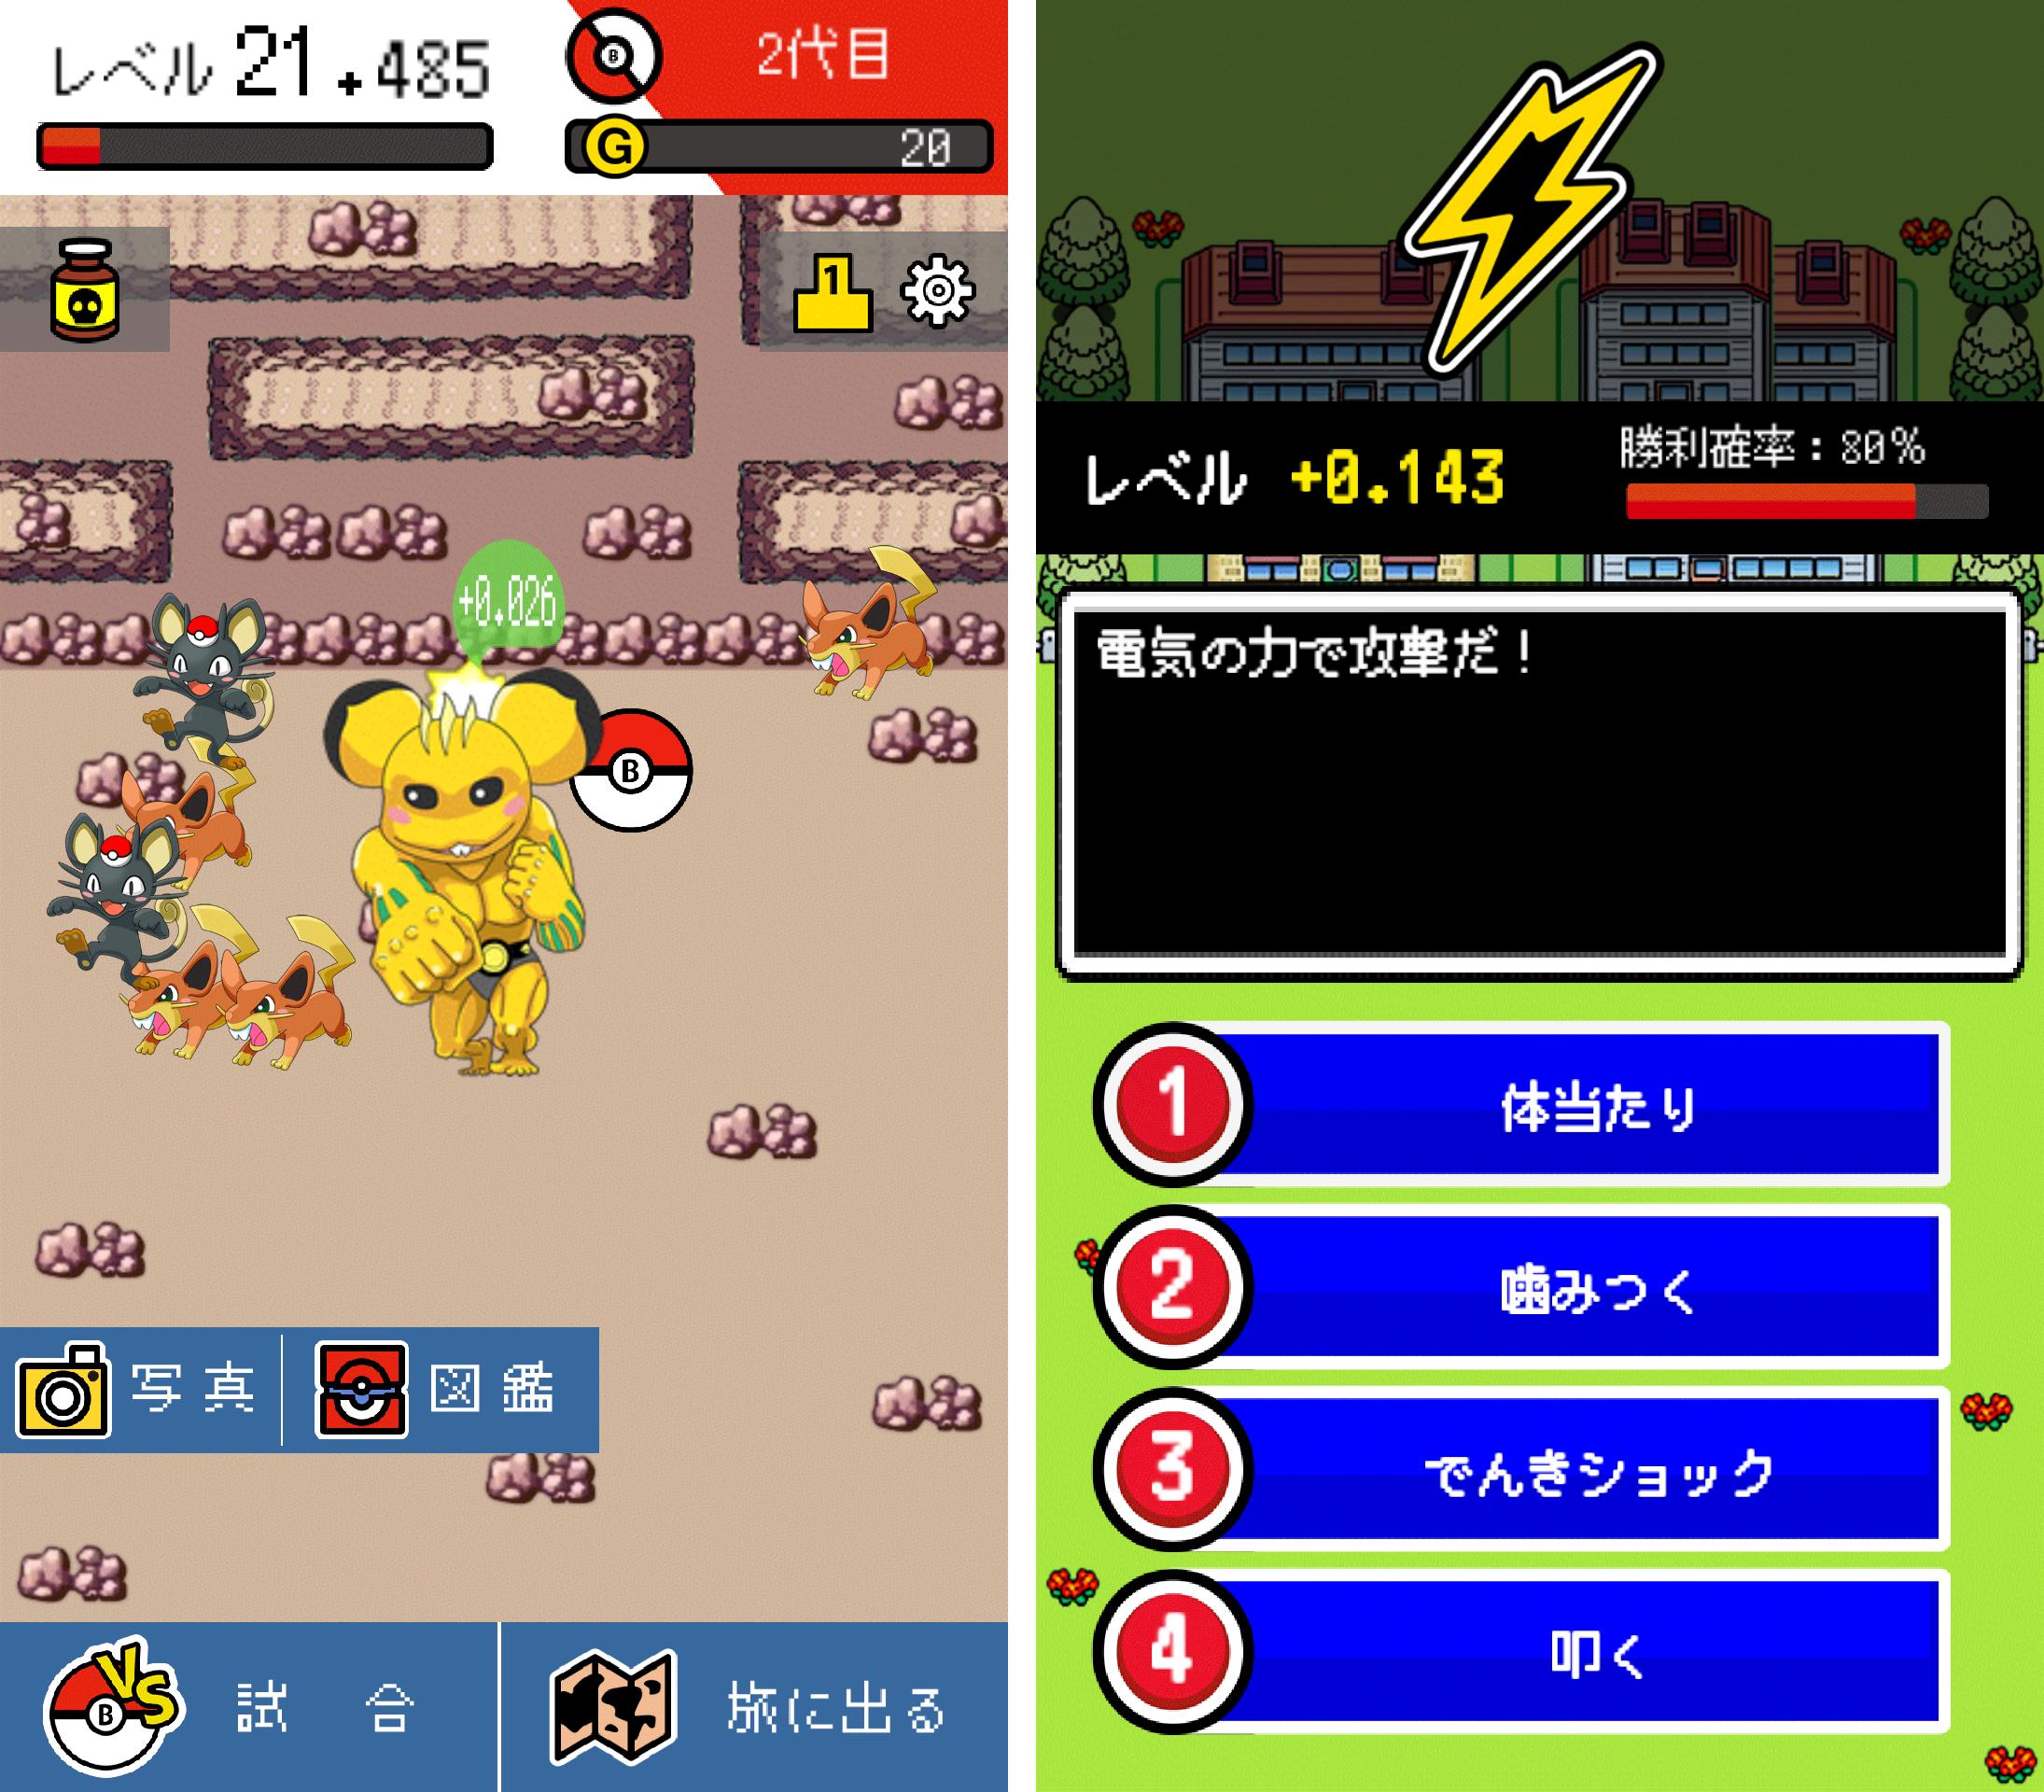 BOKEMON ~トボケモンスターを進化させるで!~ androidアプリスクリーンショット3